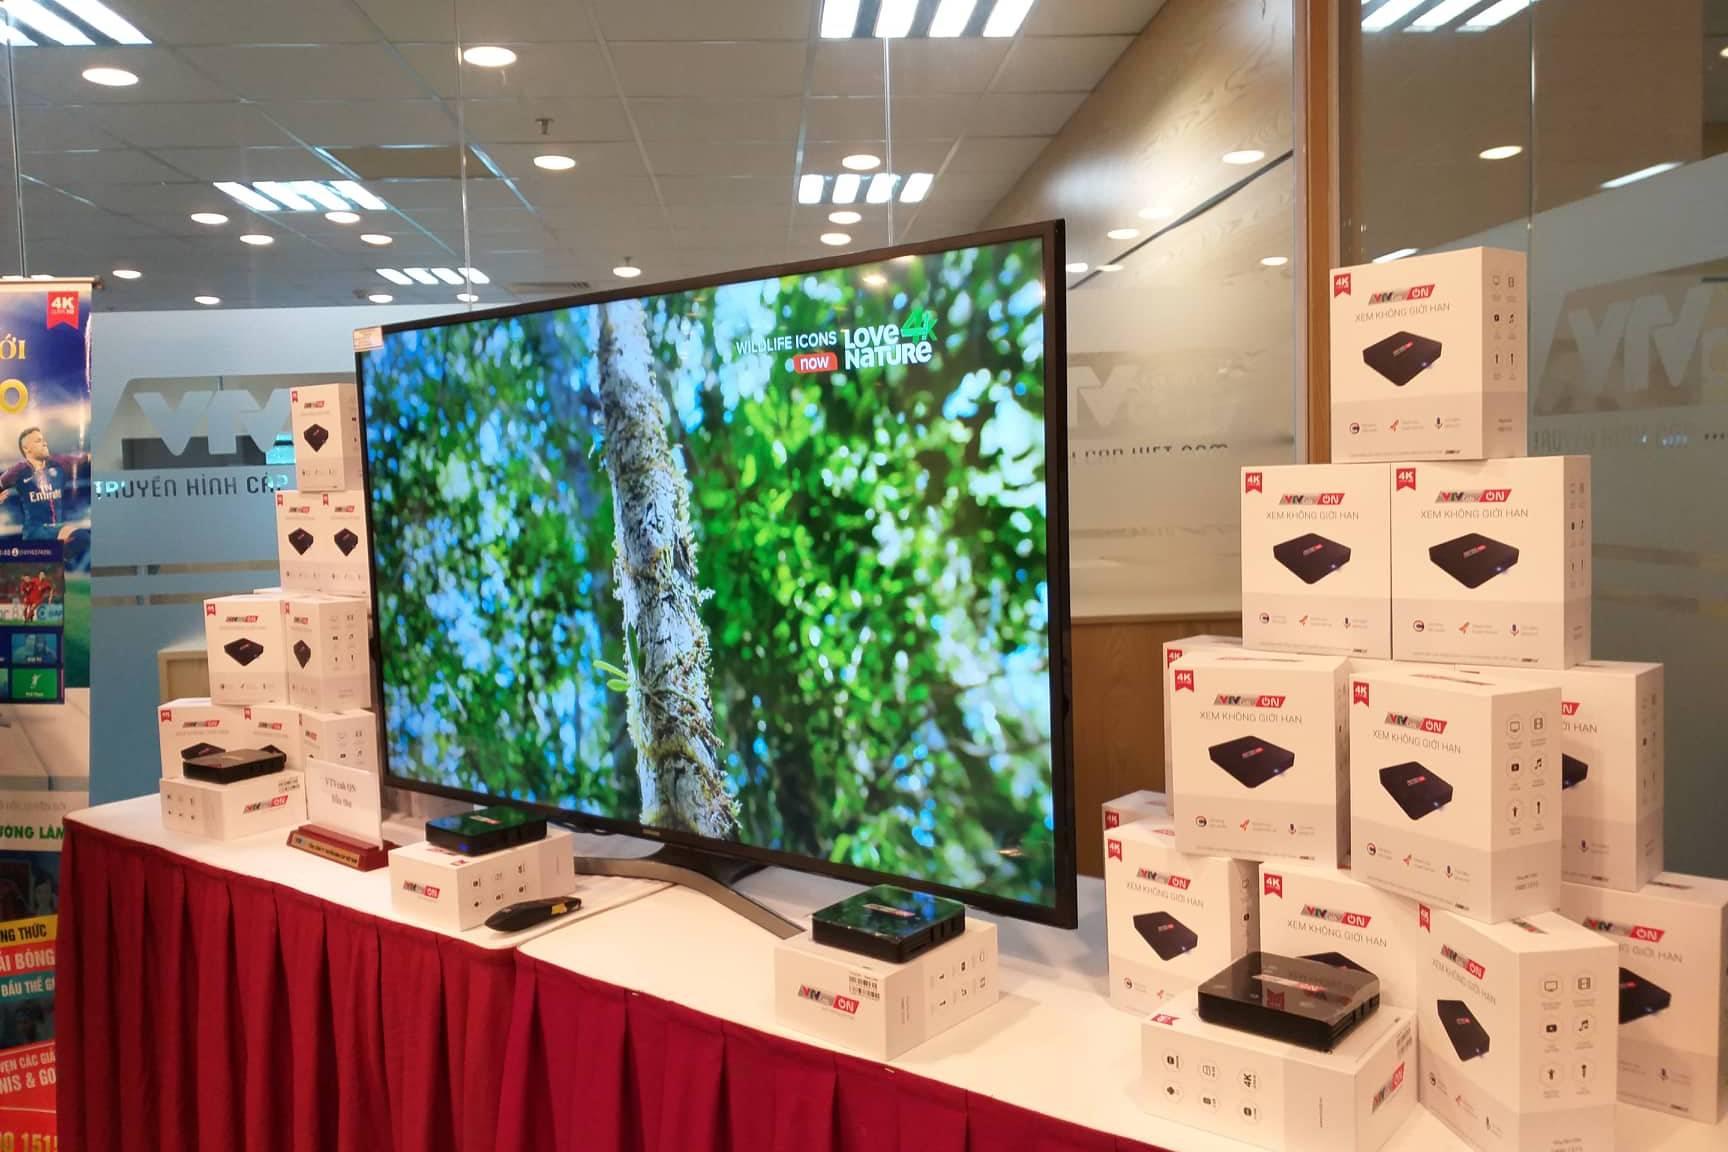 Ra mắt dịch vụ truyền hình VTVcab ON giá từ 66.000 đồng/tháng